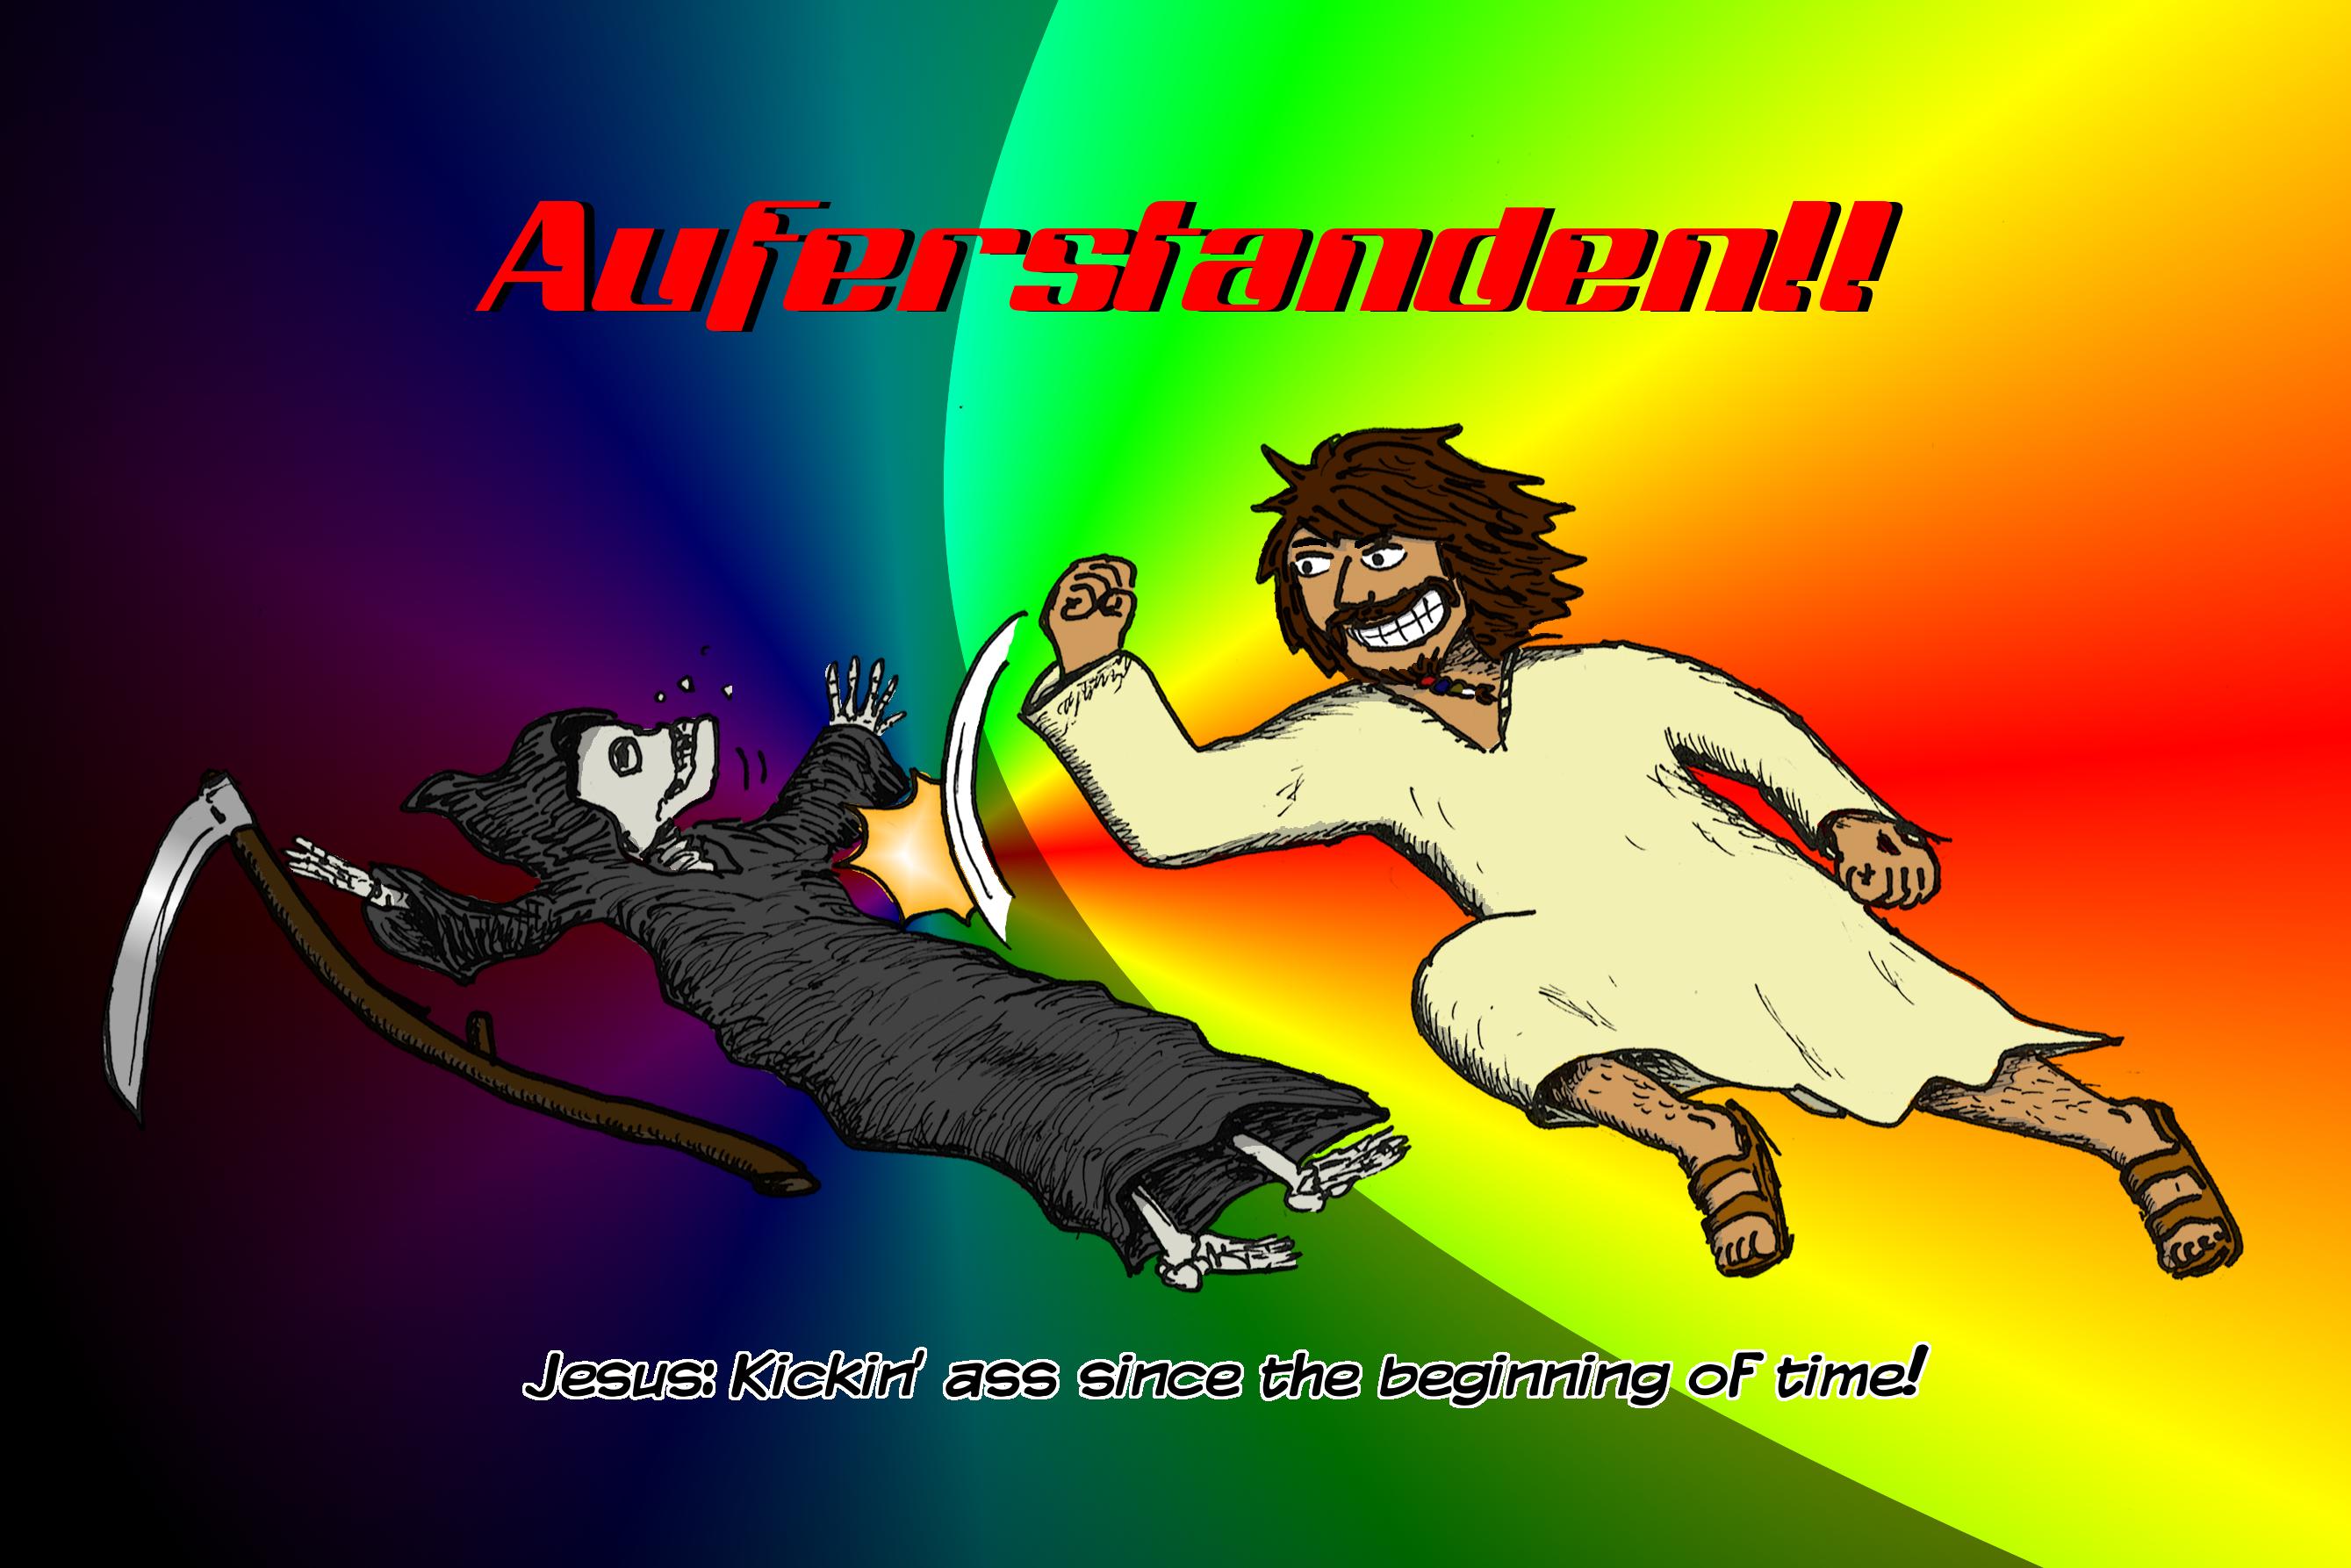 comic osterpostkarte auferstanden jesus ostern Auferstehung Tod besiegt